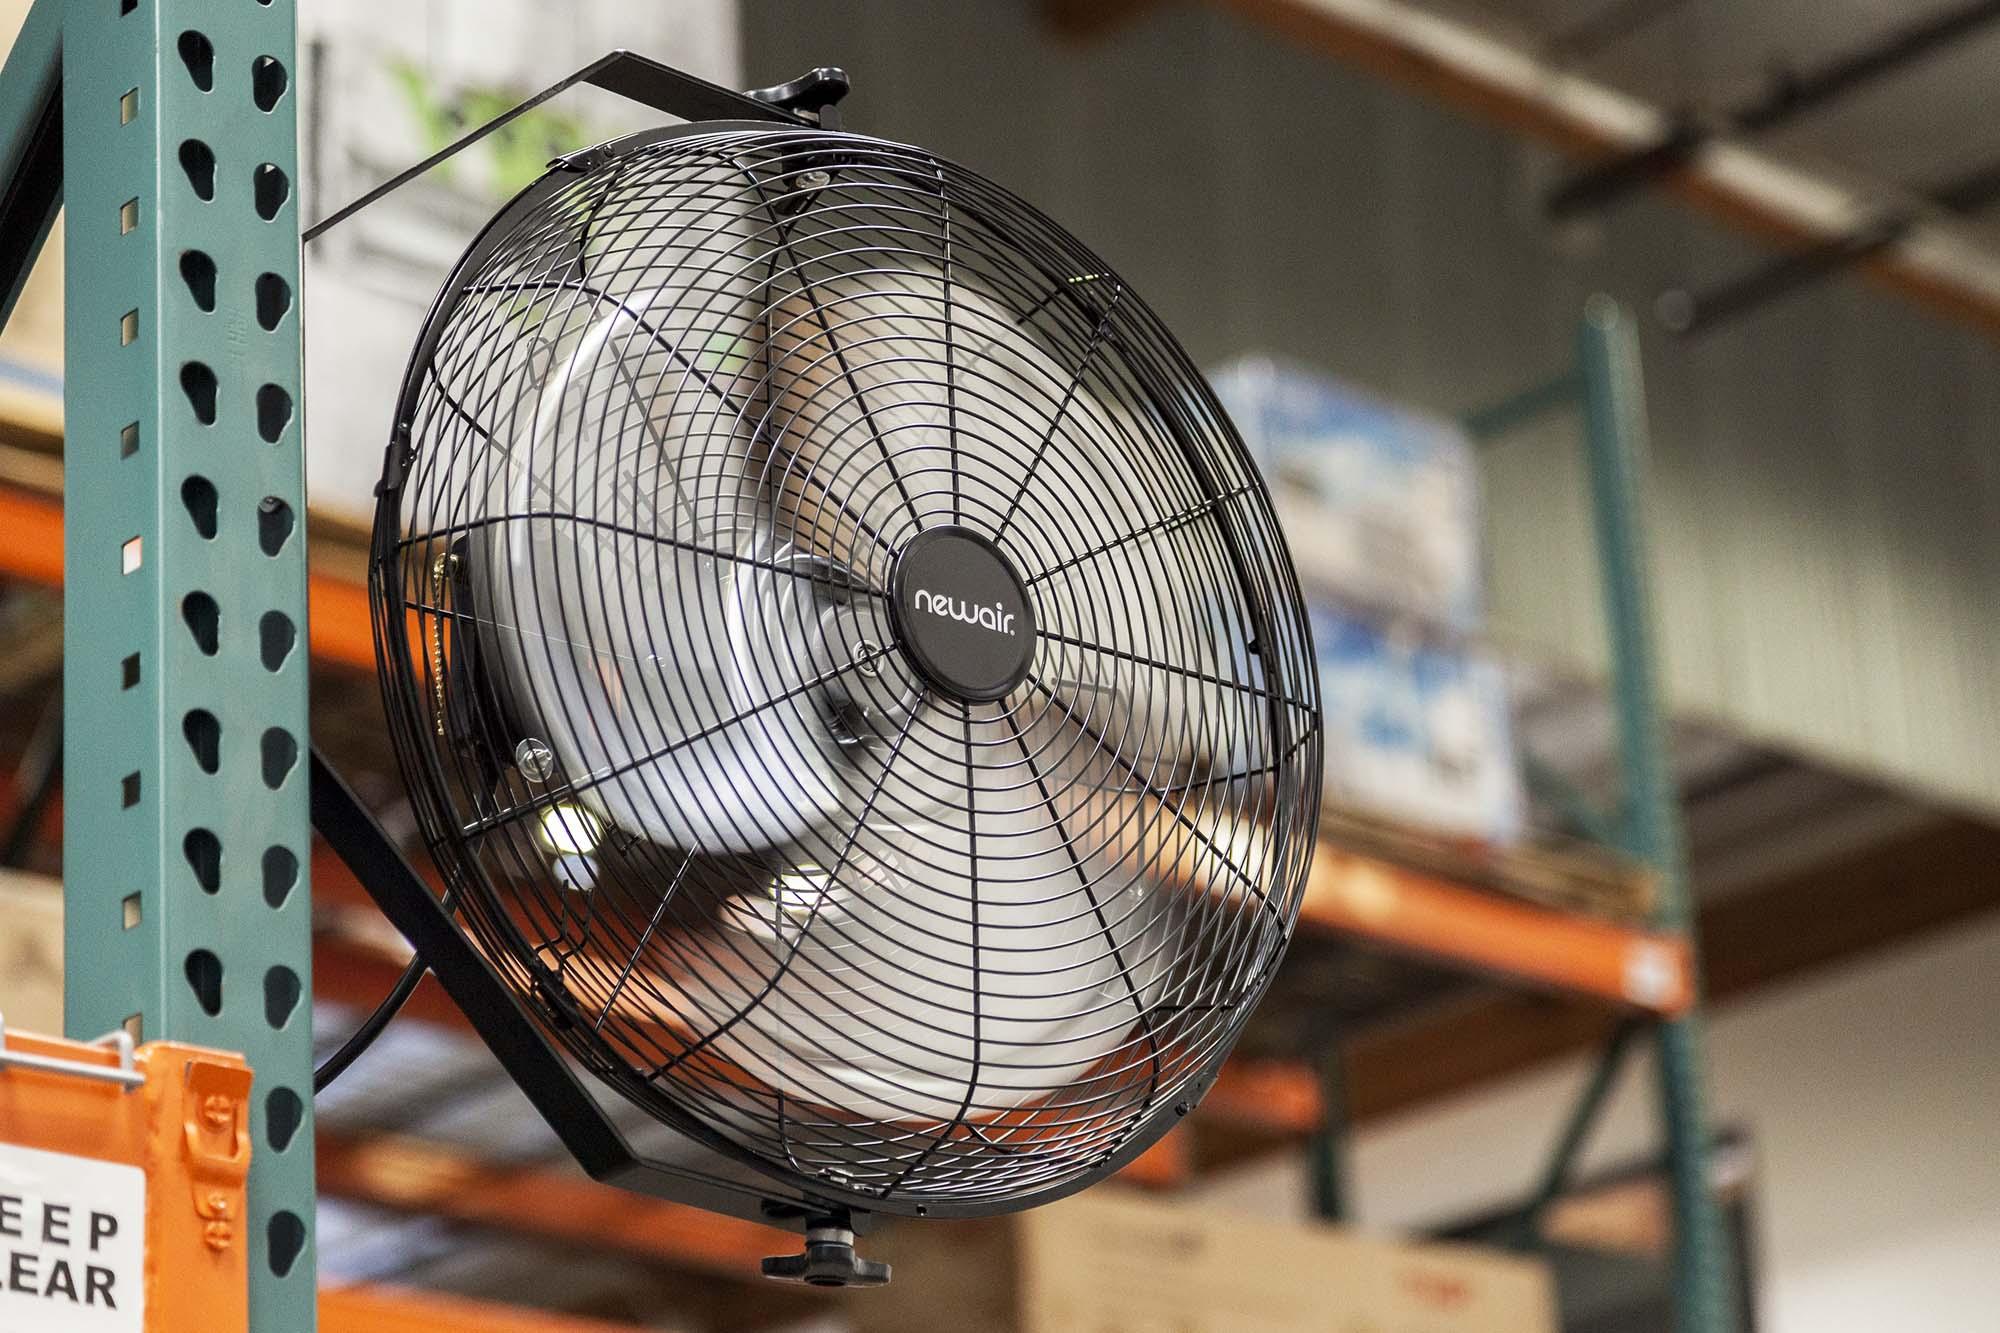 Desk Fan Motor Wiring Diagram Electric Desk Fan Motor Wiring Diagram